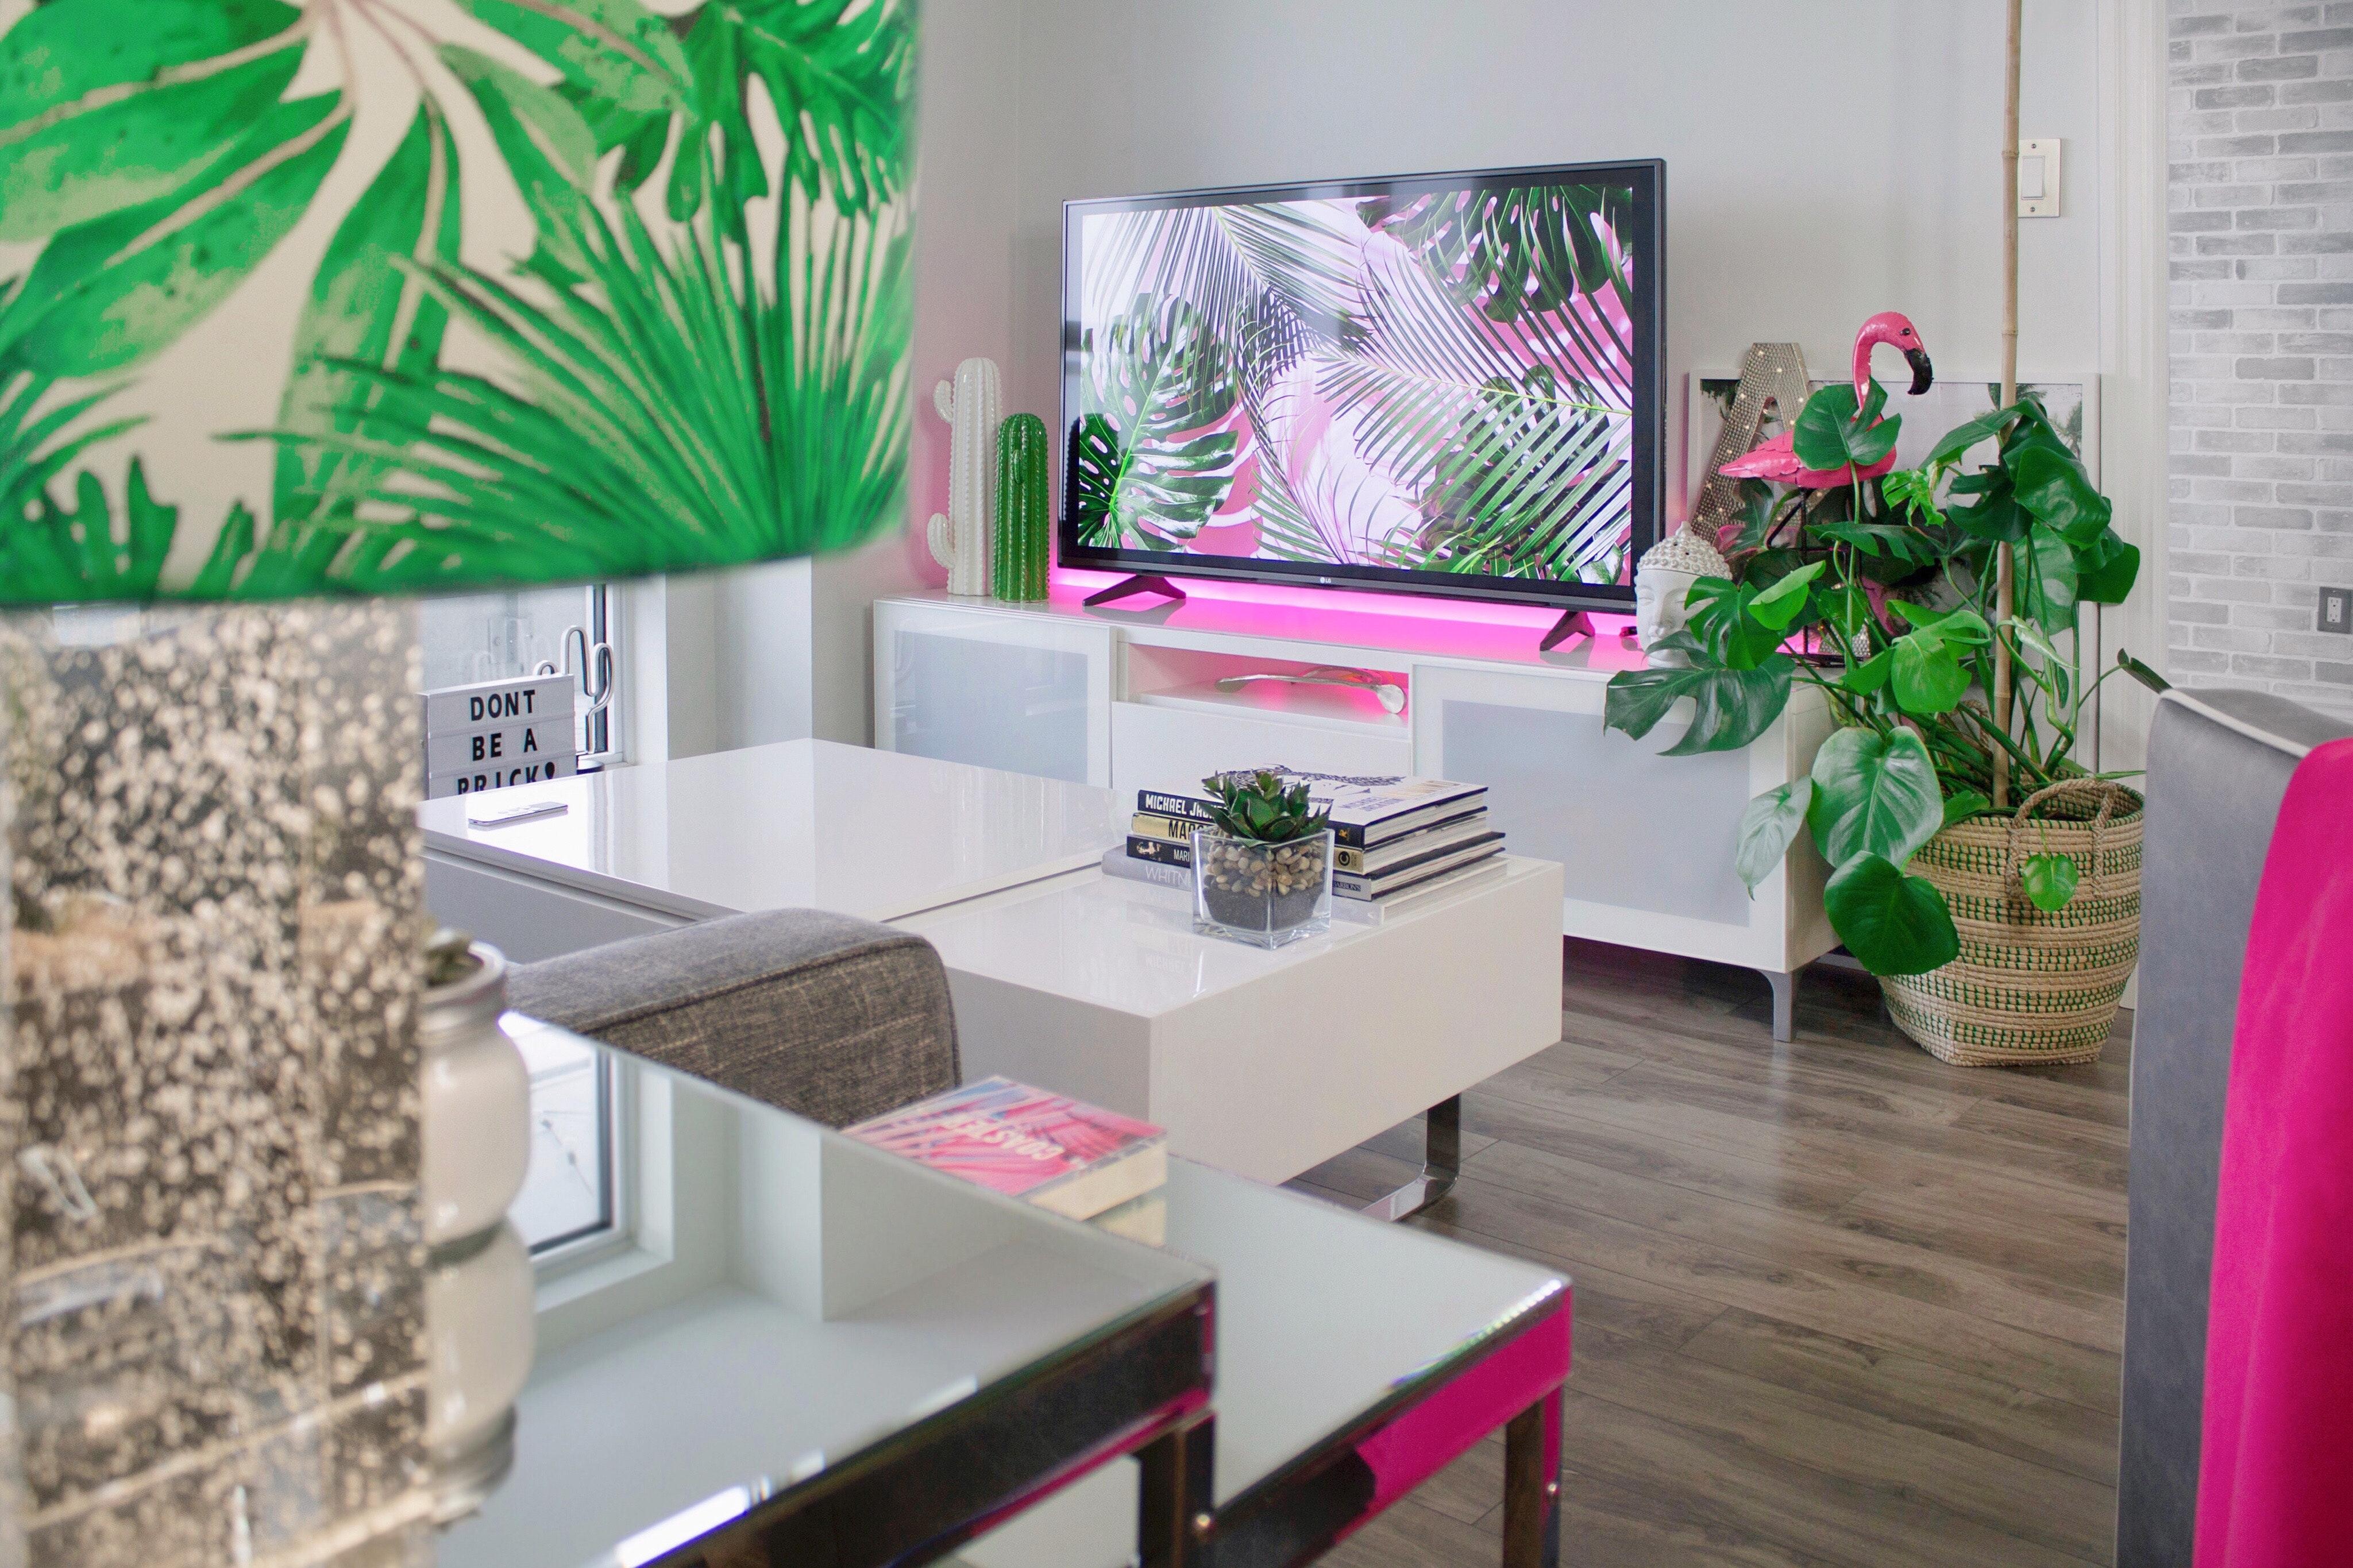 Maison connectée, smart home, et innovations liées à la maison intelligente